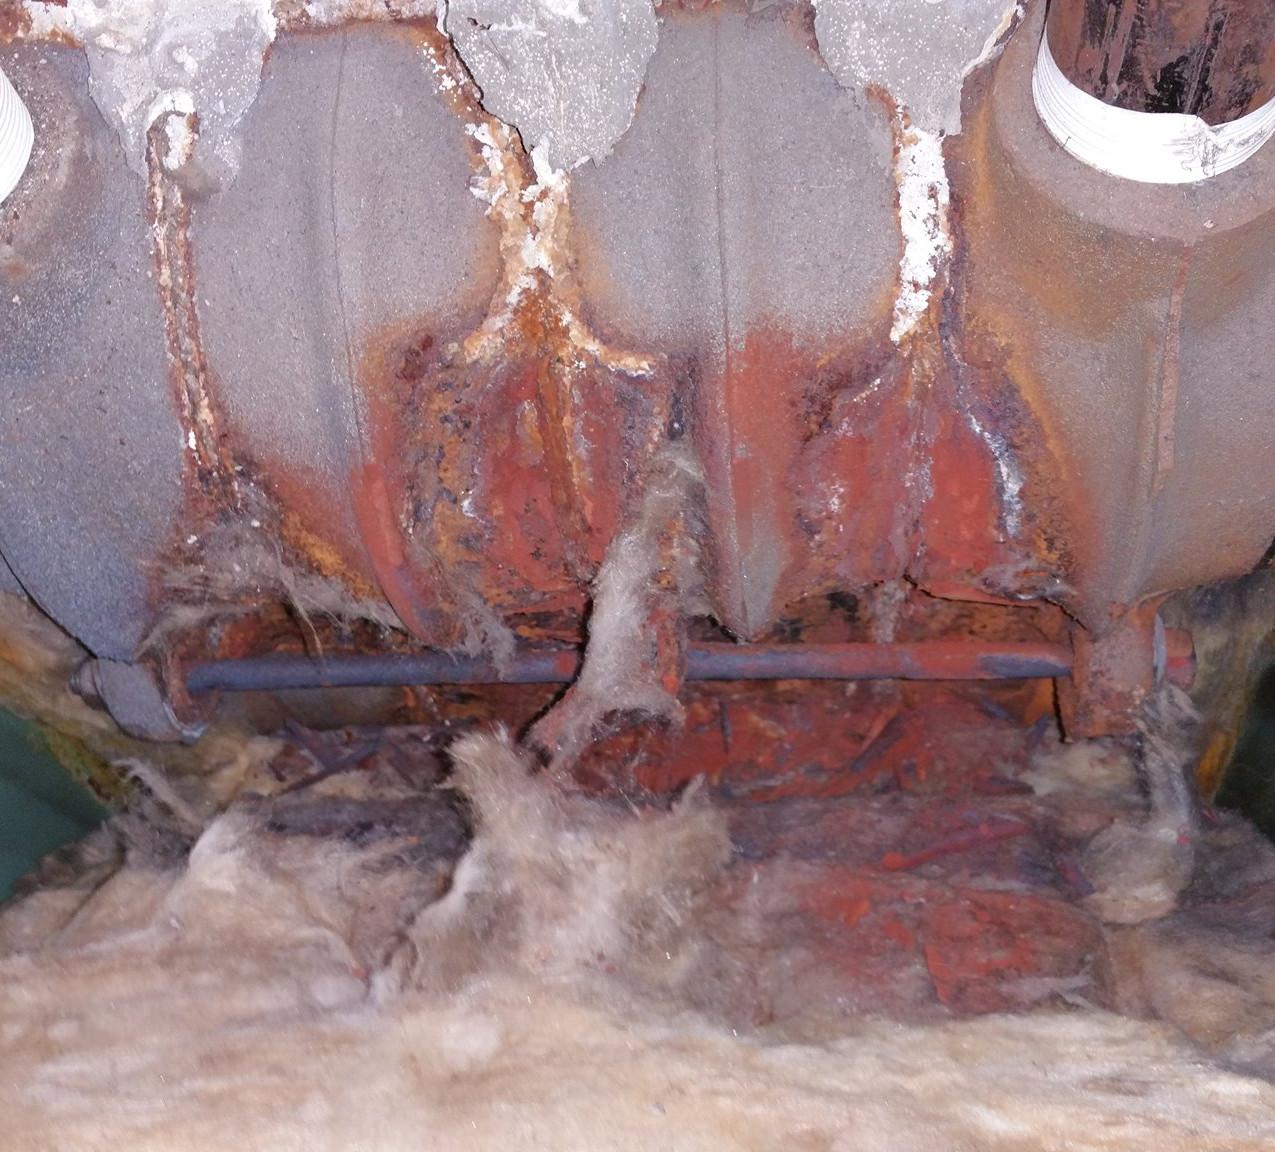 rottingboiler